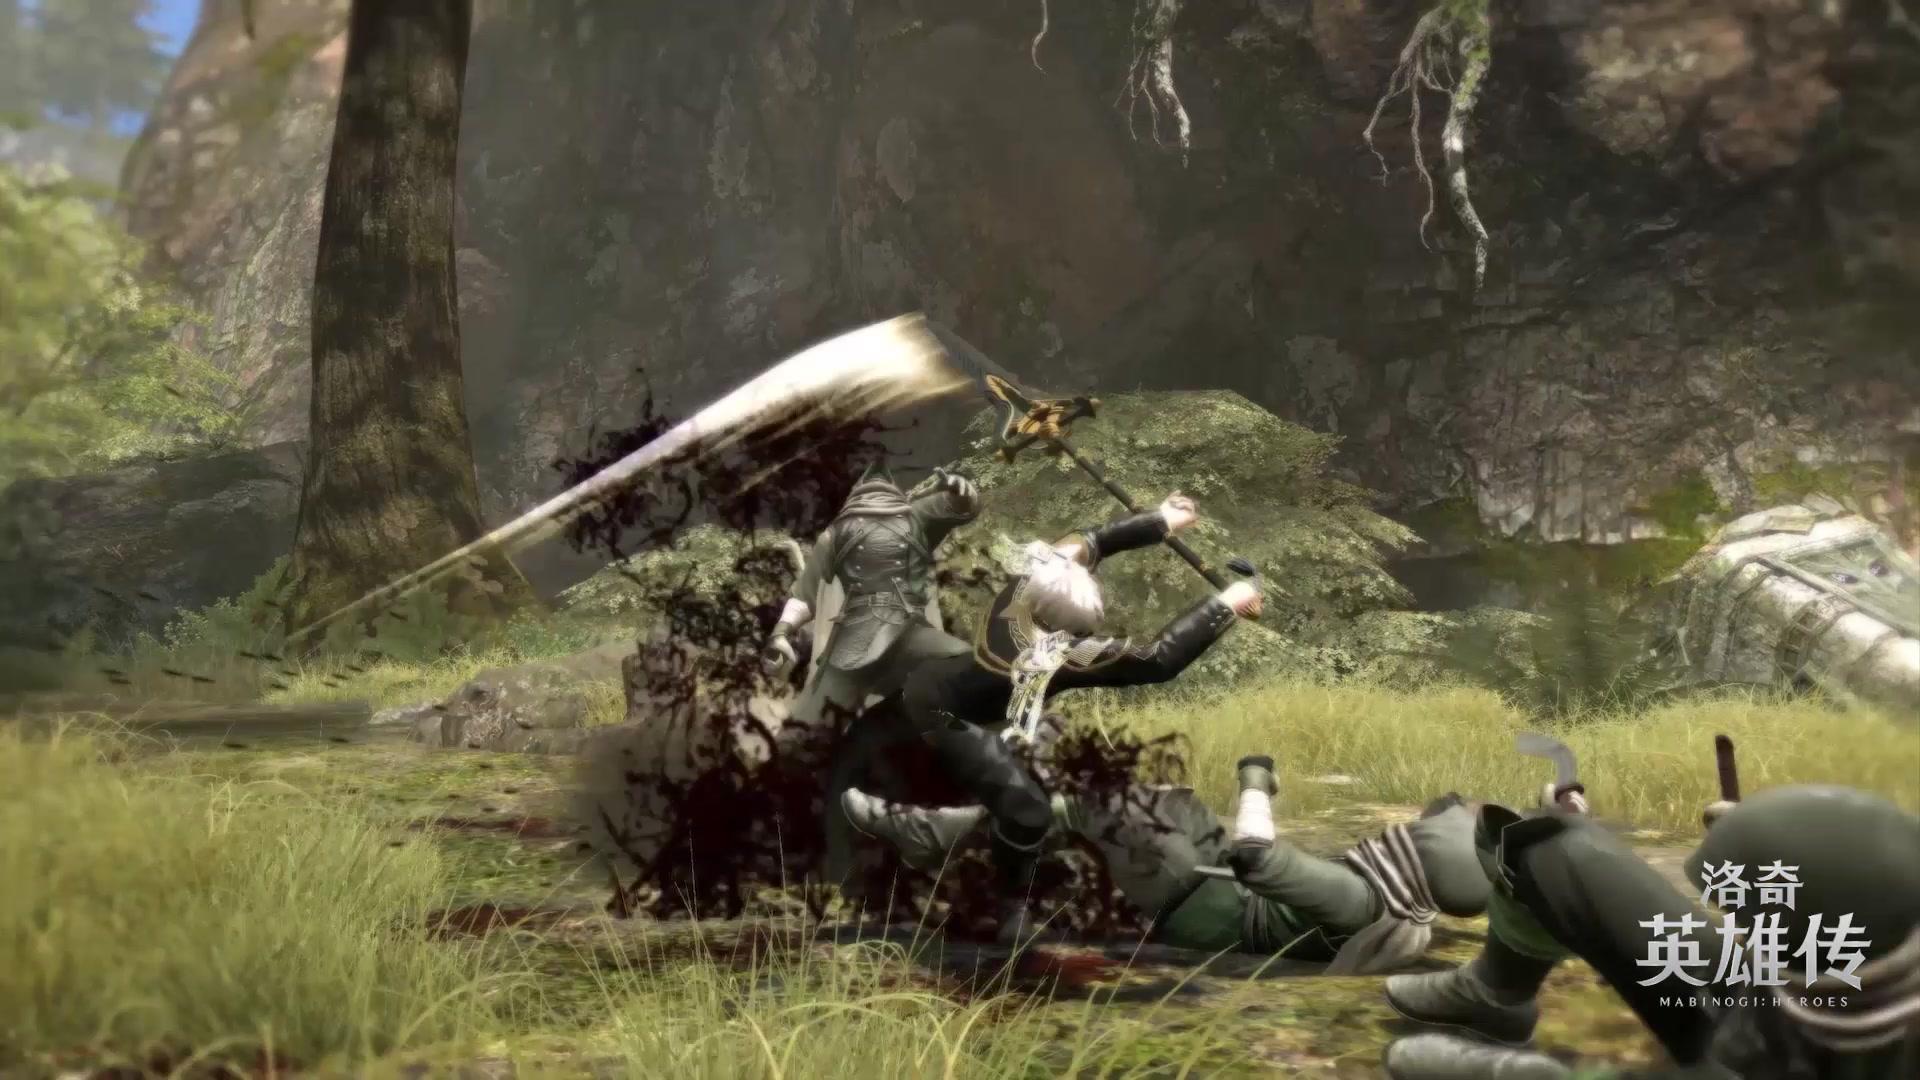 剑矛!冲锋!《洛奇英雄传》新角色铠尔实战视频曝光